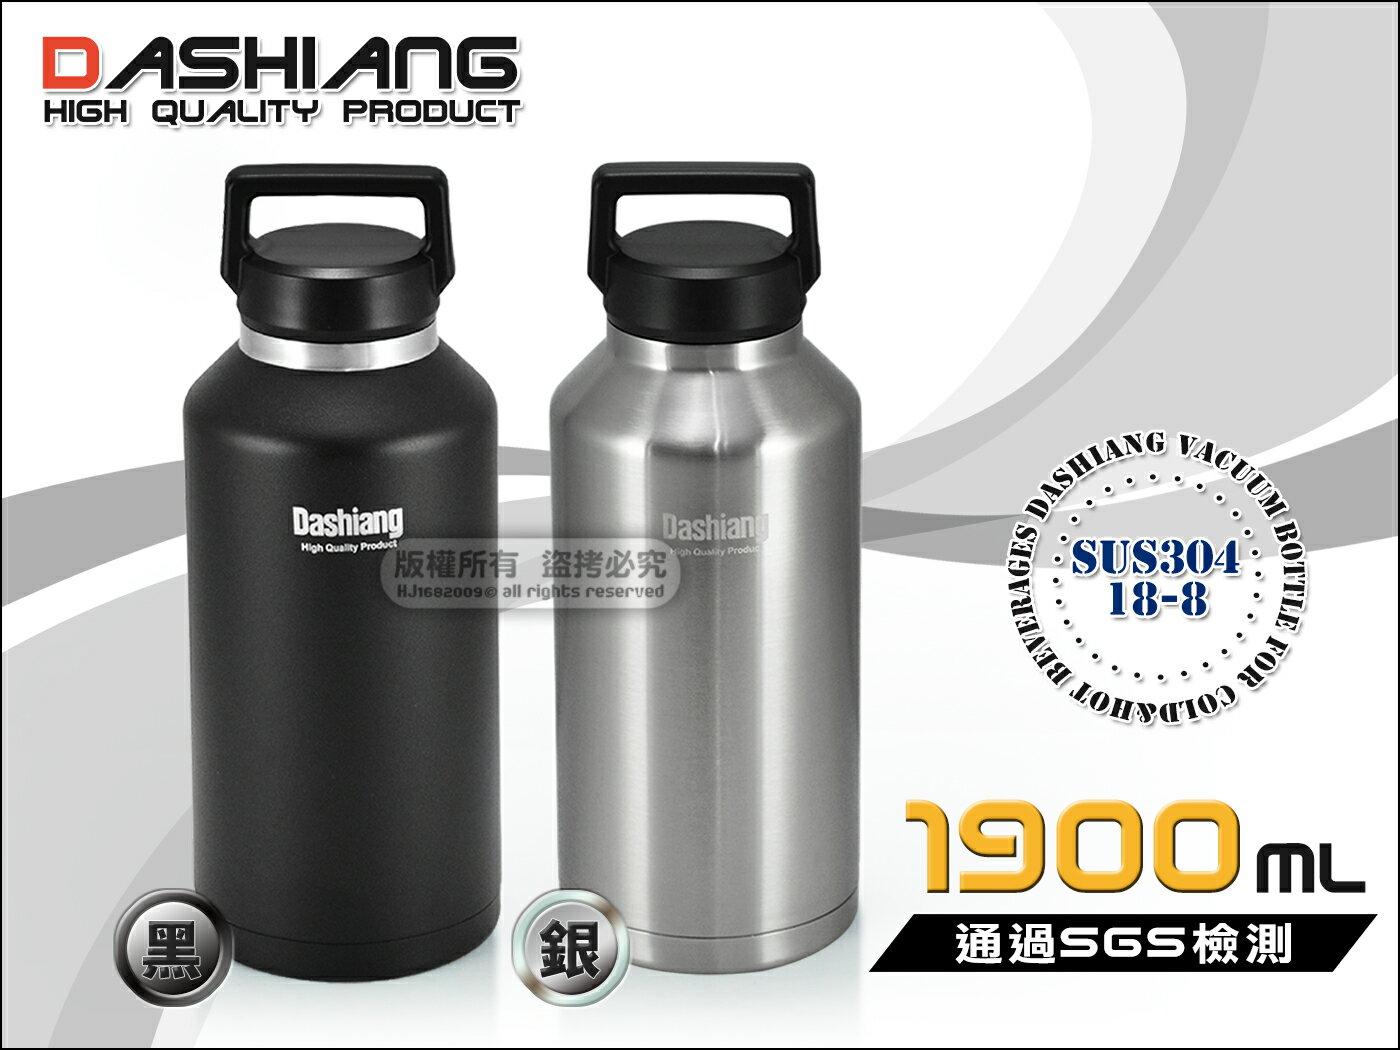 快樂屋♪ Dashiang 提攜式廣口大容量雙層保溫瓶 1.9L 1900cc 304不鏽鋼 保溫罐